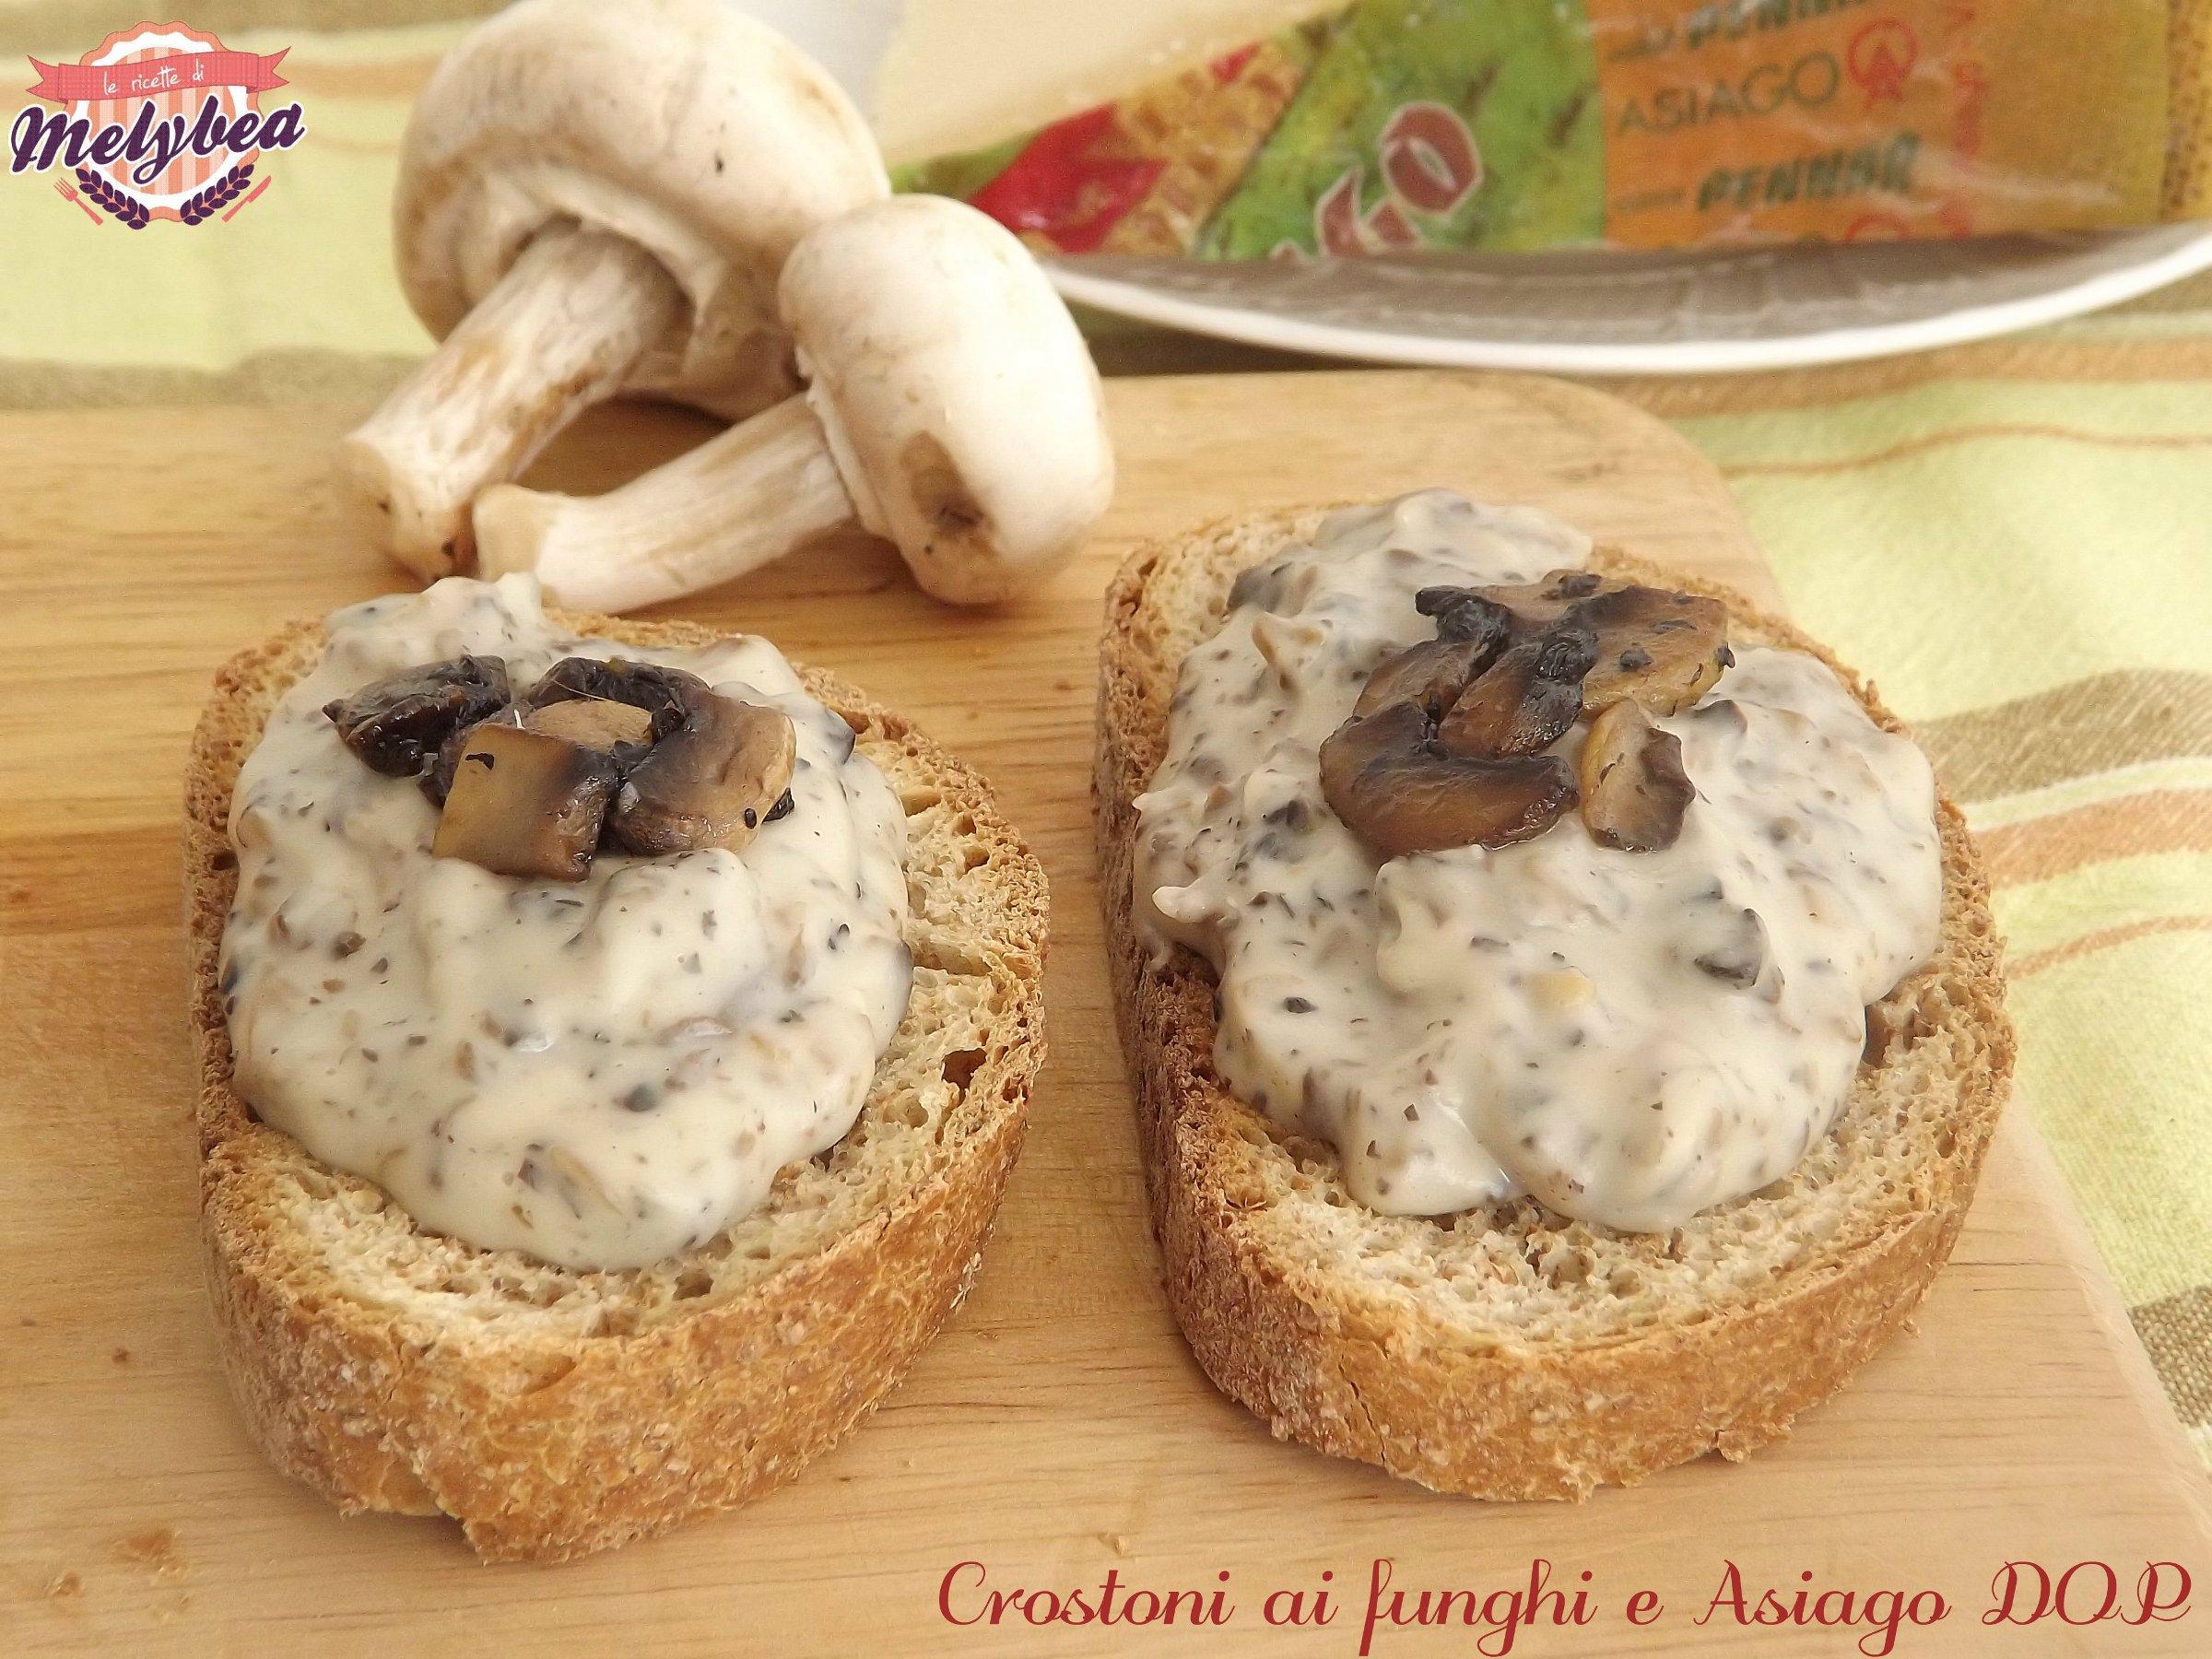 crostoni ai funghi e asiago dop